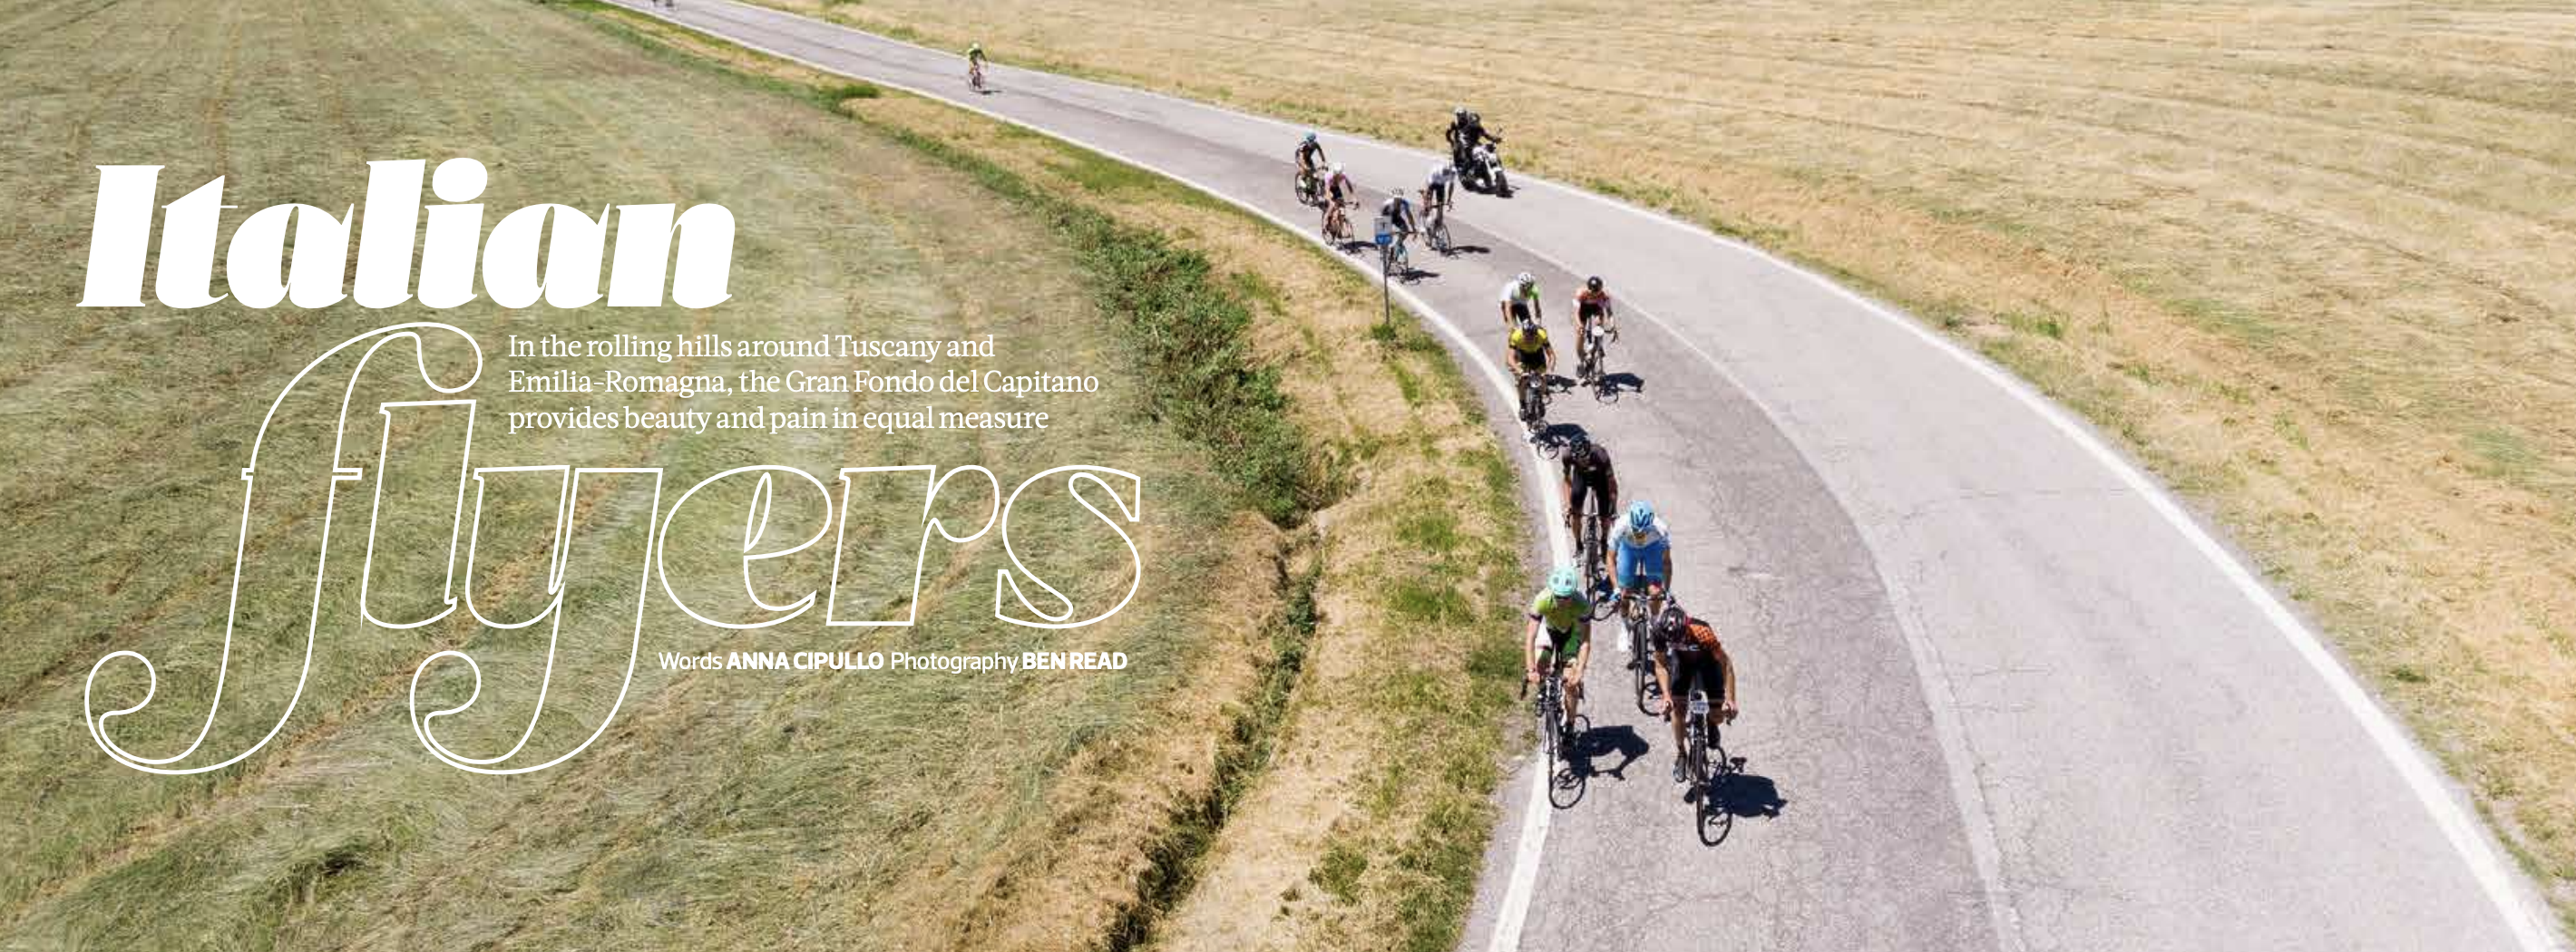 Granfondo del Capitano, article by Cyclist.co.uk